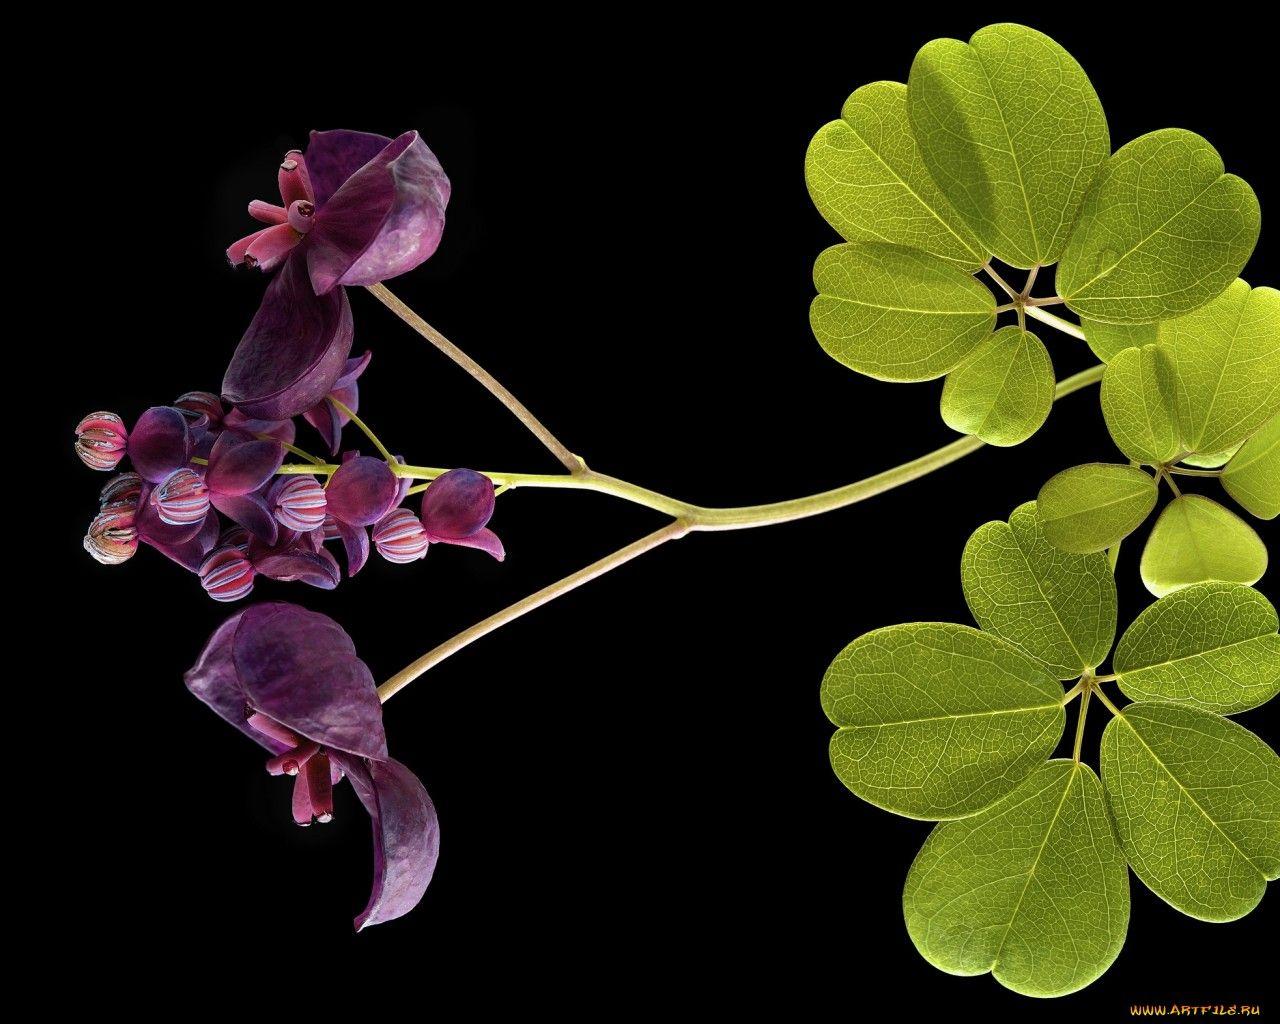 цветок на воде обои для рабочего стола